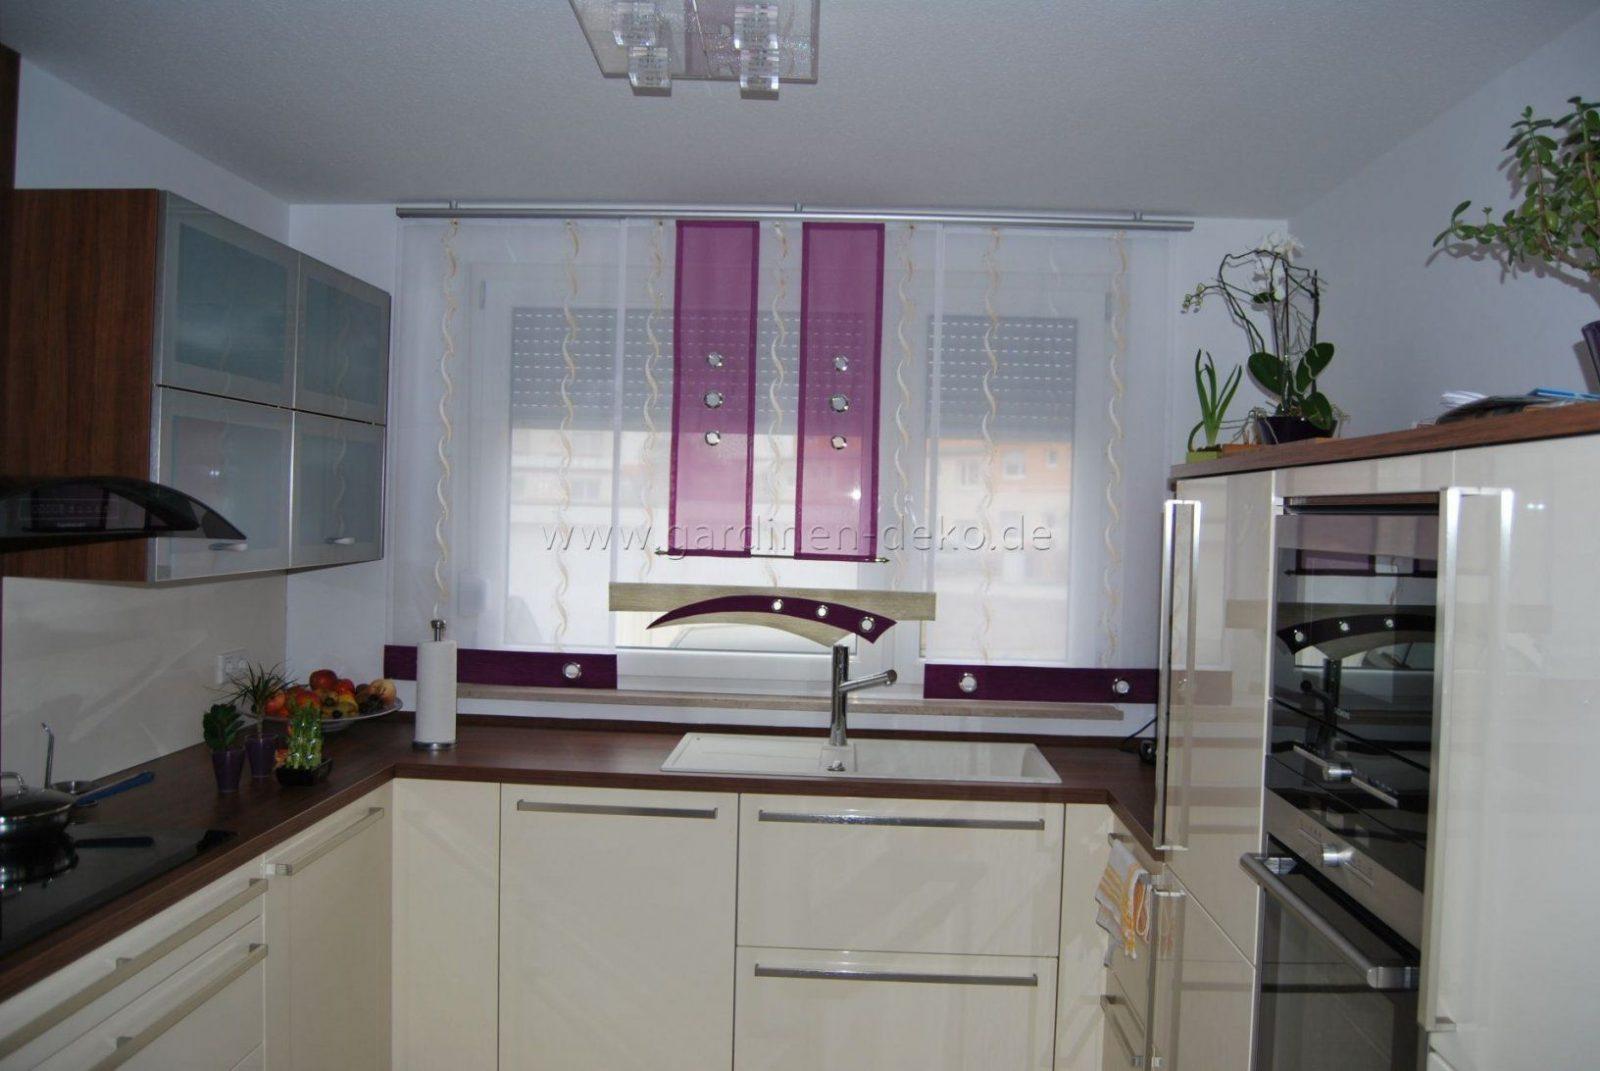 Schiebevorhang Für Die Küche In Weiß Lila Und Beige Mit von Gardinen Lila Weiß Bild